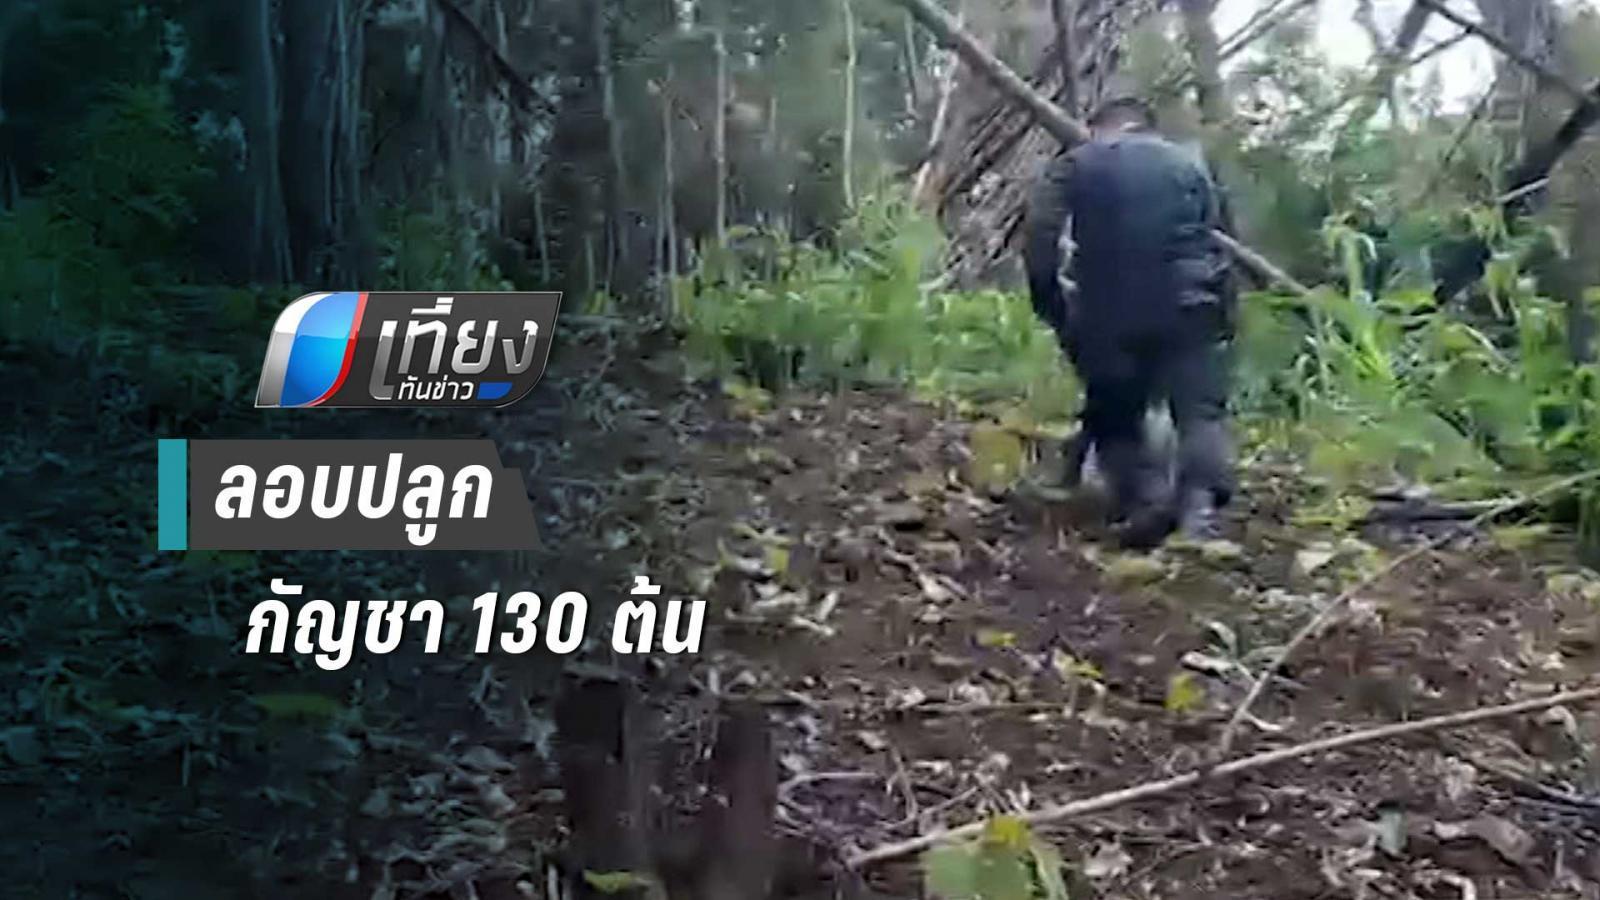 ผู้ว่าฯ แพร่สั่งจับลักลอบปลูกกัญชา 130 ต้น